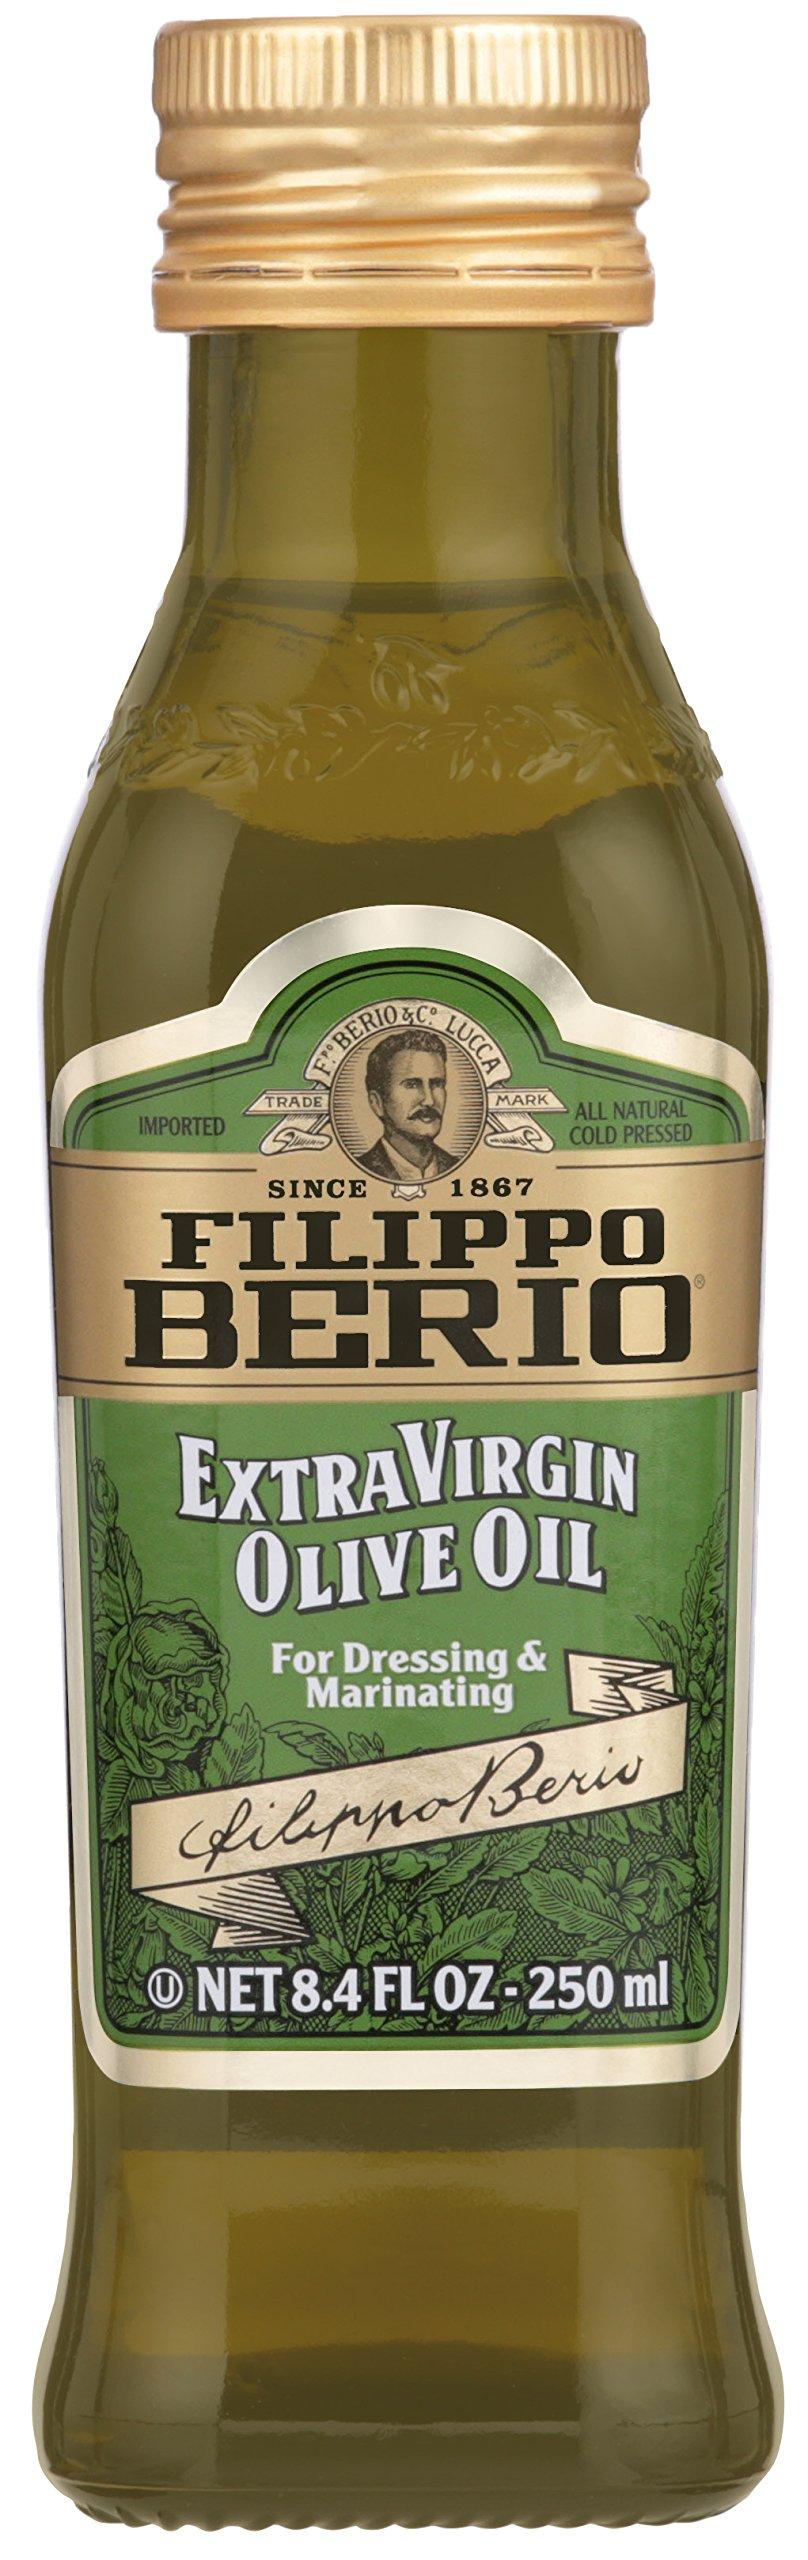 Filippo Berio Extra Virgin Olive Oil, 8.4 Ounce by Filippo Berio (Image #1)